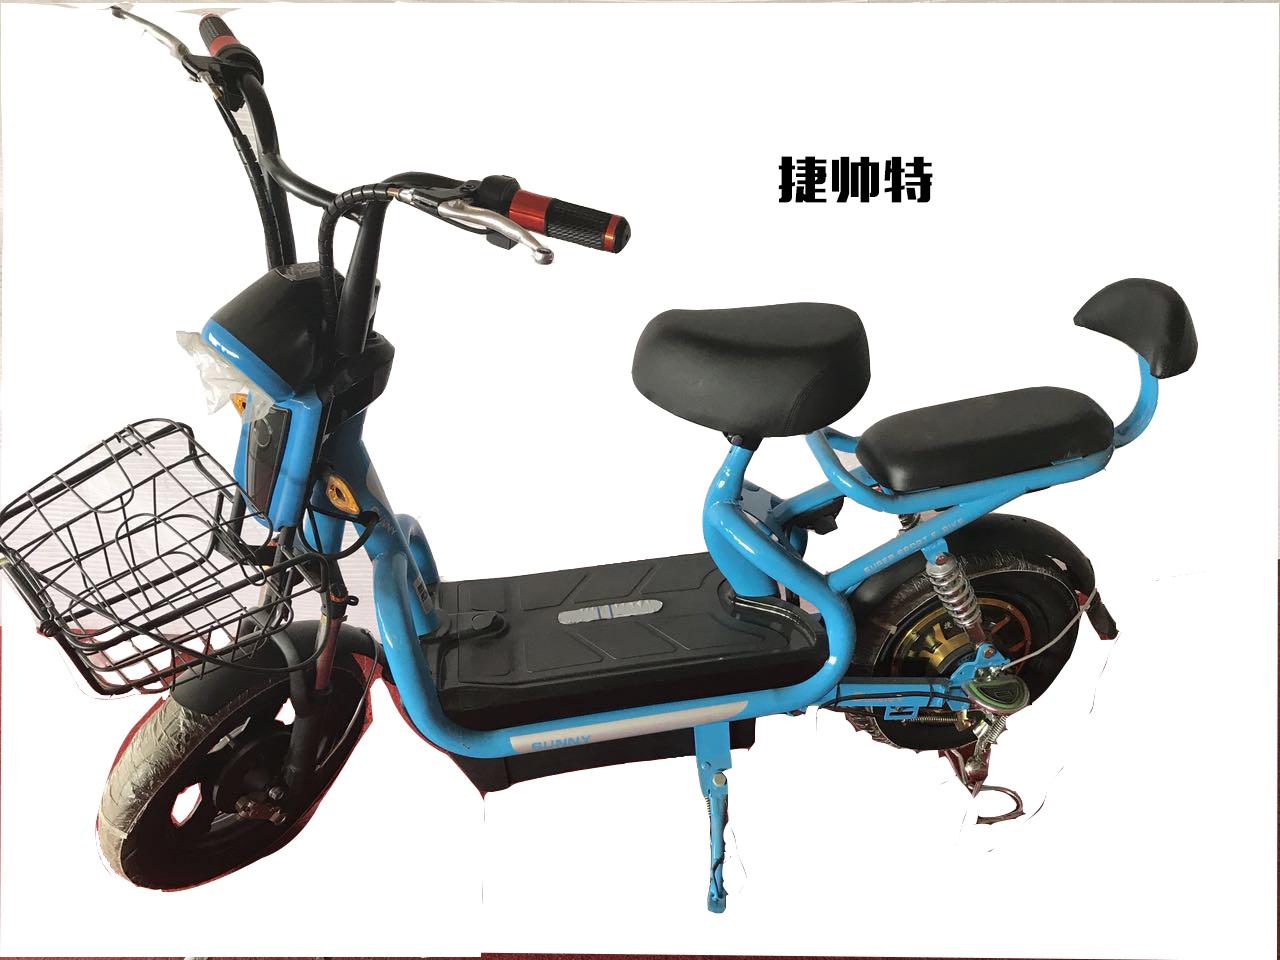 邯郸亿鹏贝莱茵电动车 踏板电瓶车踏板车标准型电动车